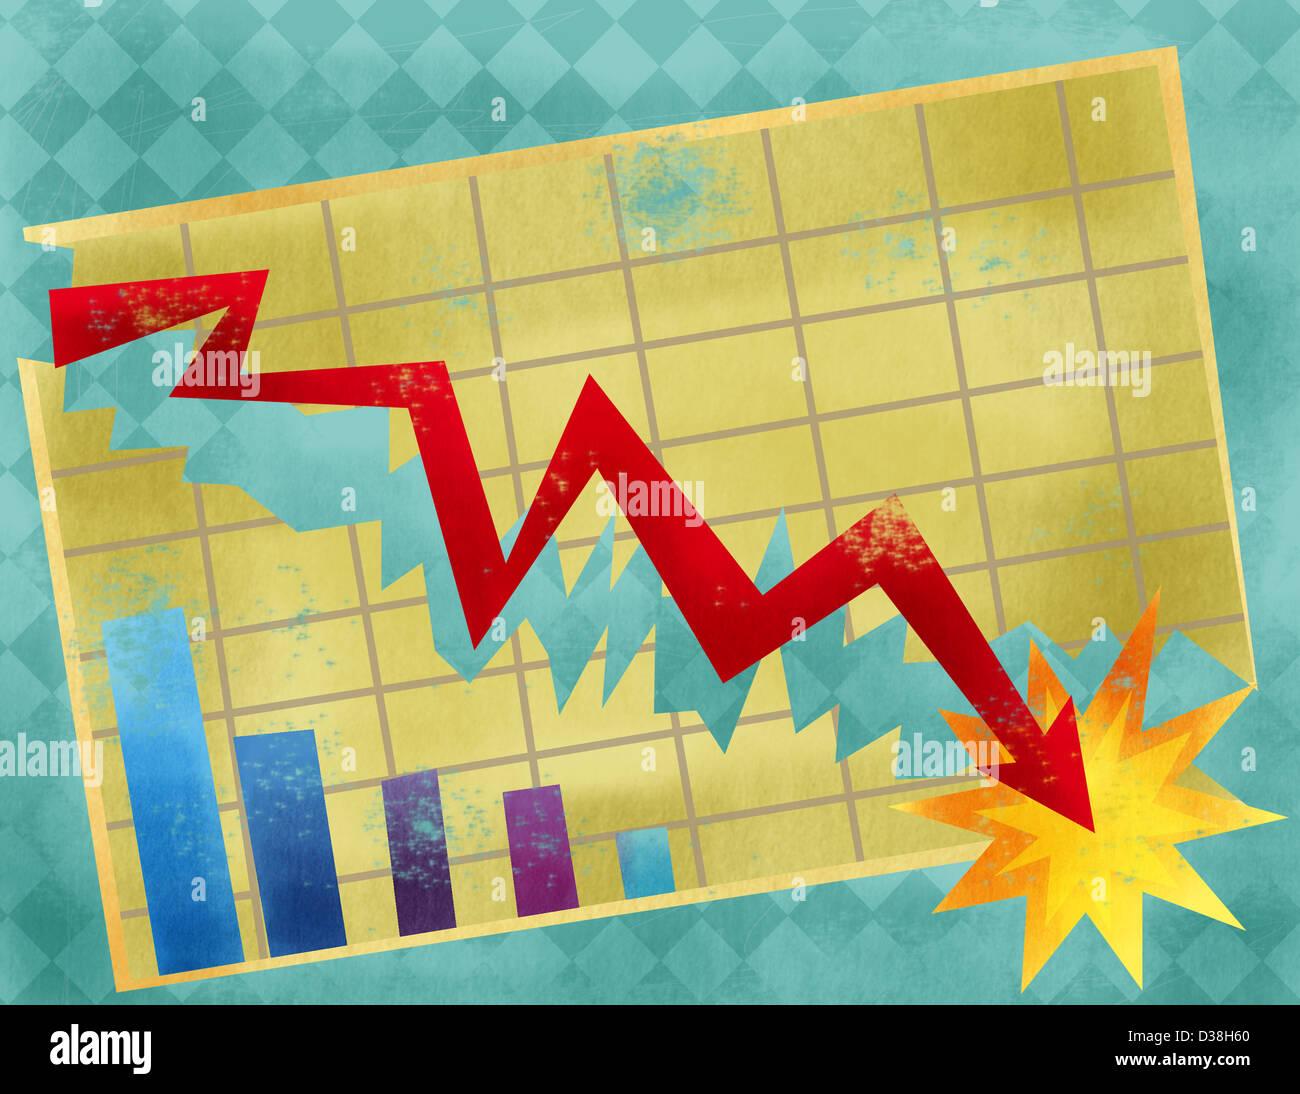 Gráfico de líneas que muestra la economía crash Foto de stock